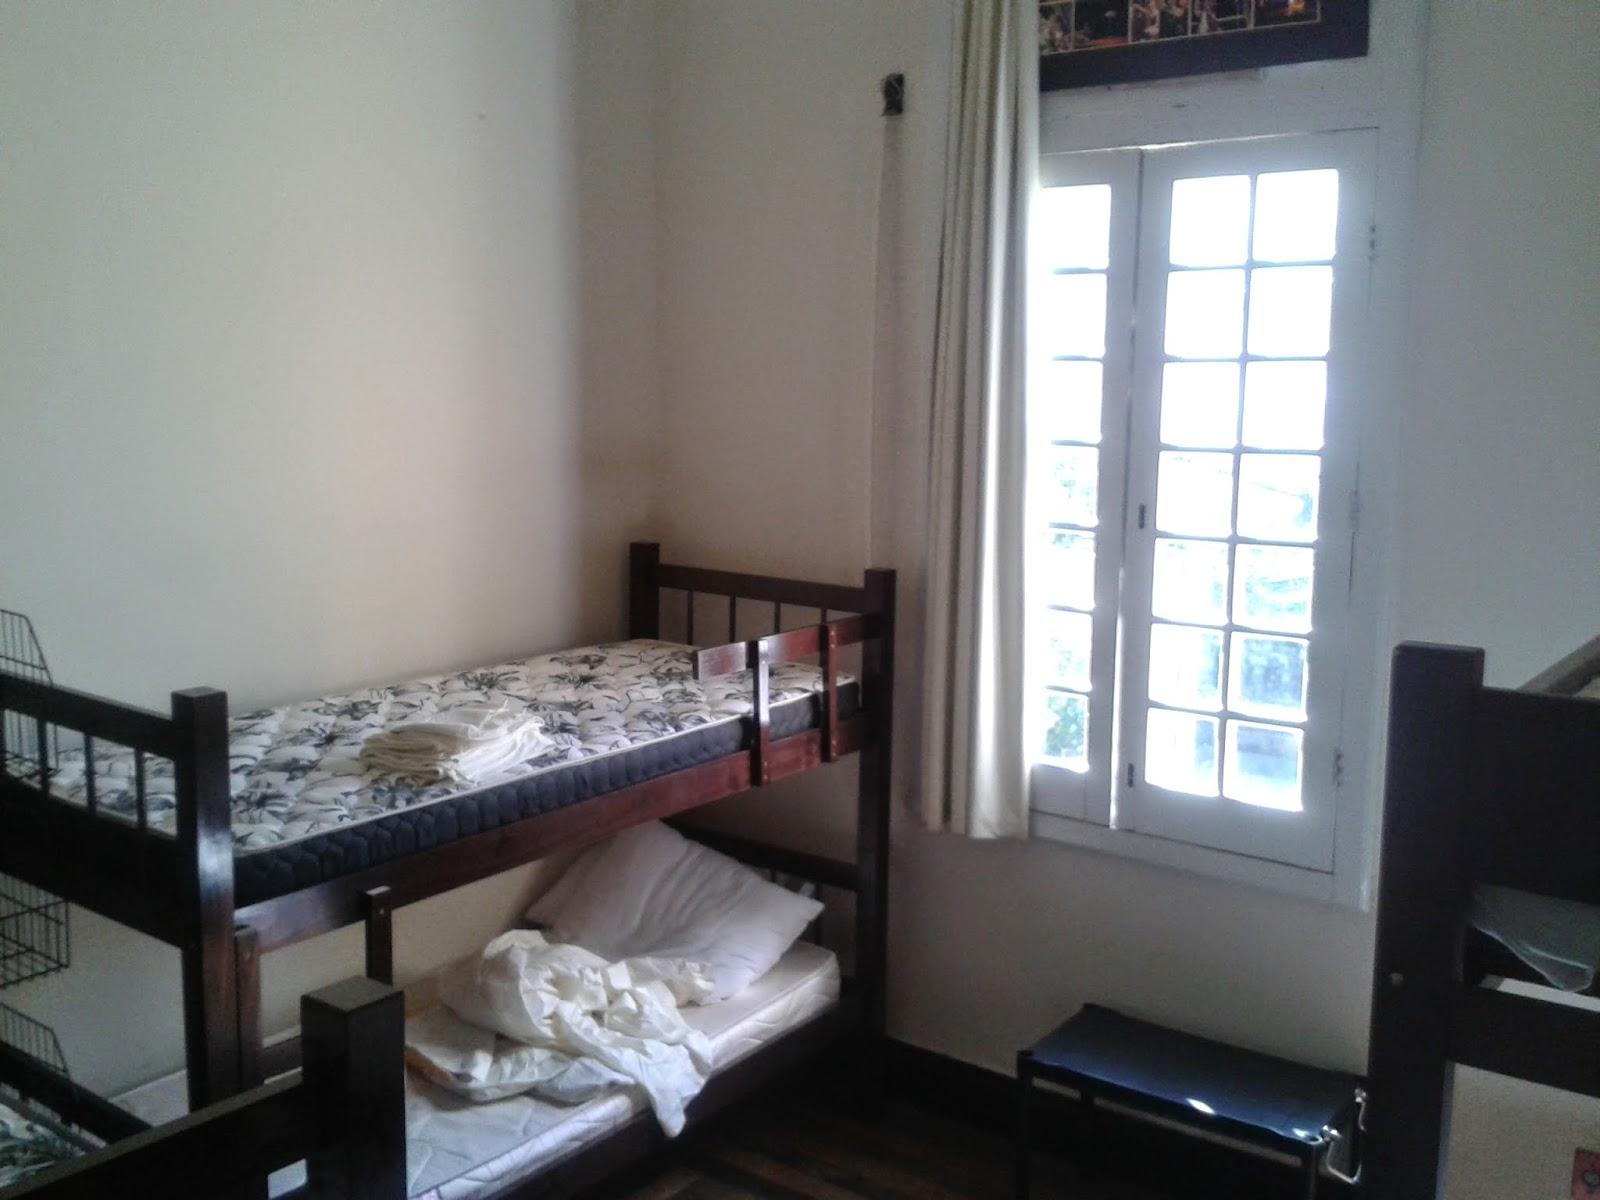 Hostel Guanaaní